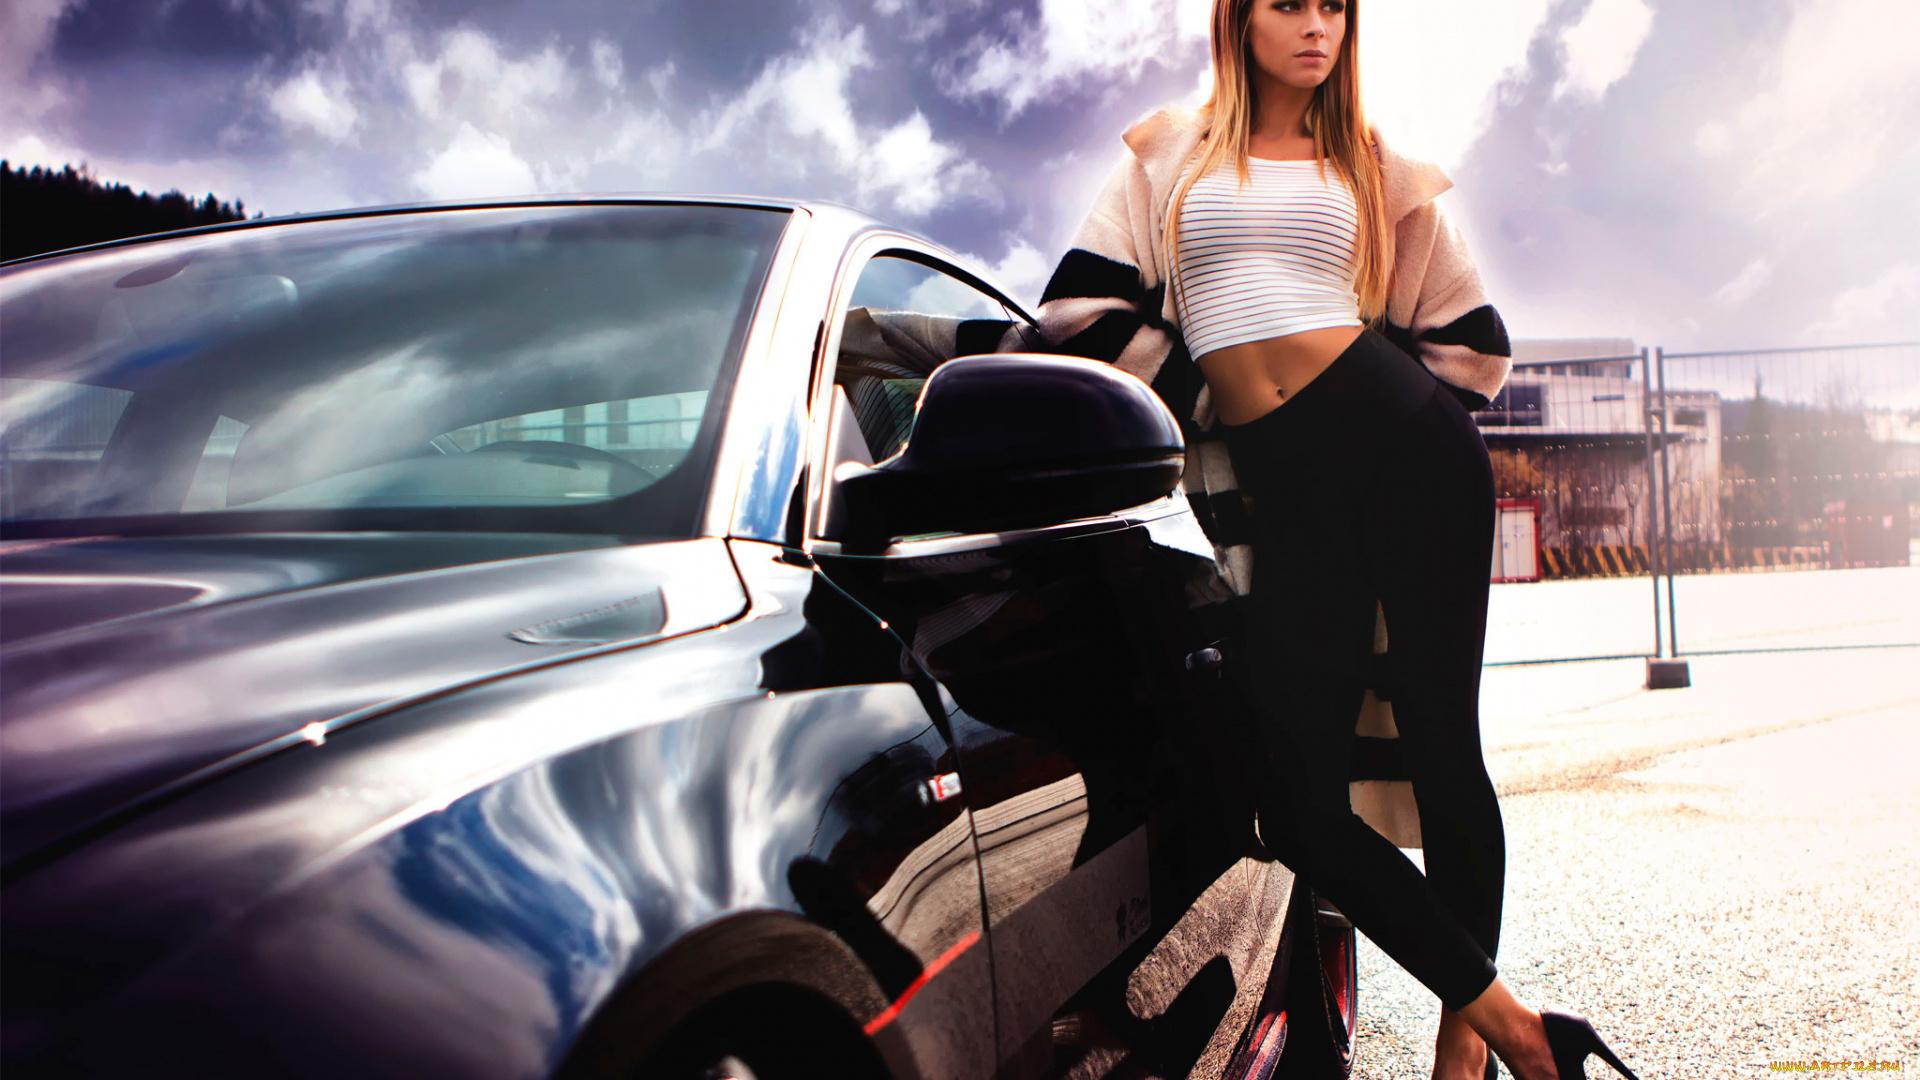 Смотреть картинки девушка с машиной